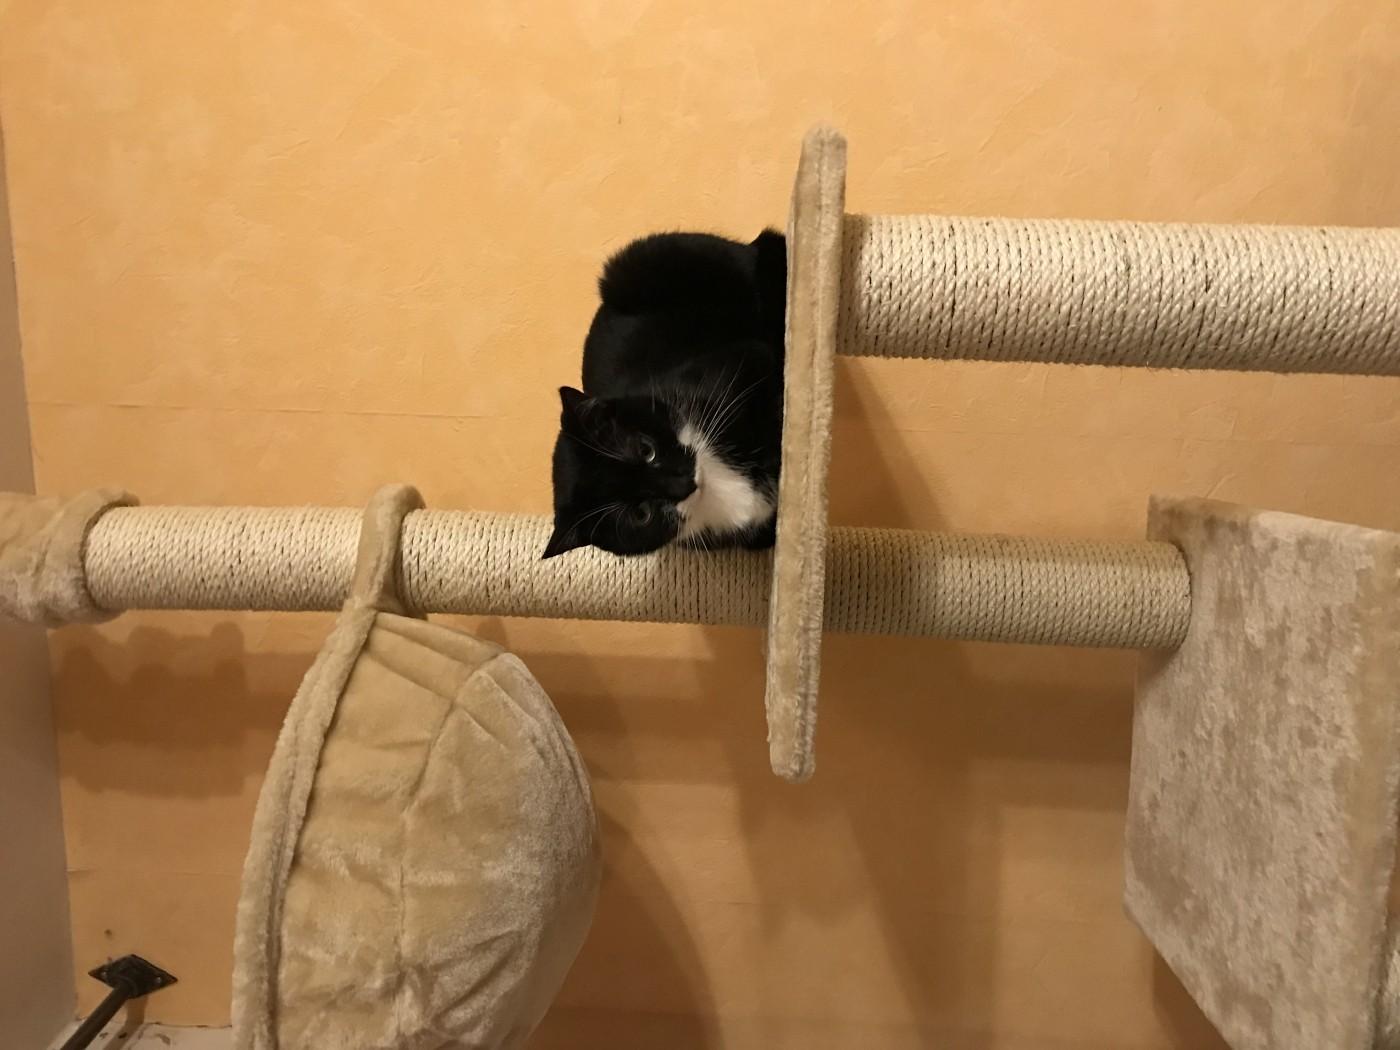 Arbre chats madrid du sol au plafond beige arbre chat for Du sol au plafond